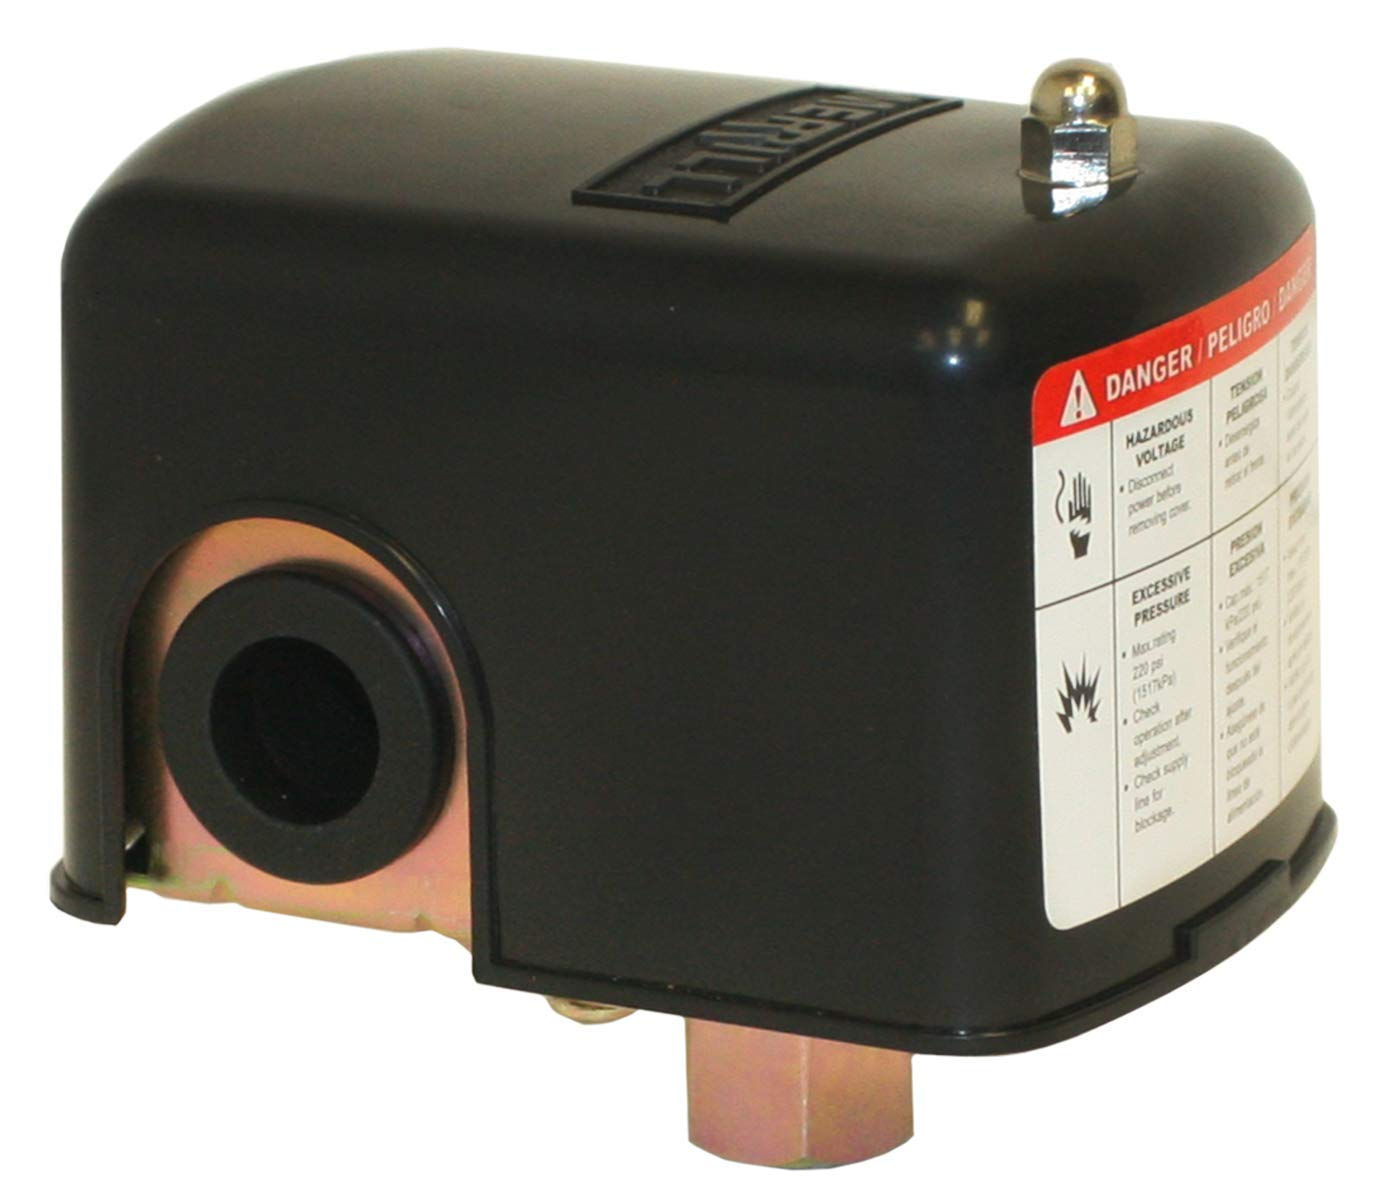 Merrill Mfg 20/40 No-Lead Pressure Switch, Plastic, Metal, 4.05 X 3.89 X 2.91